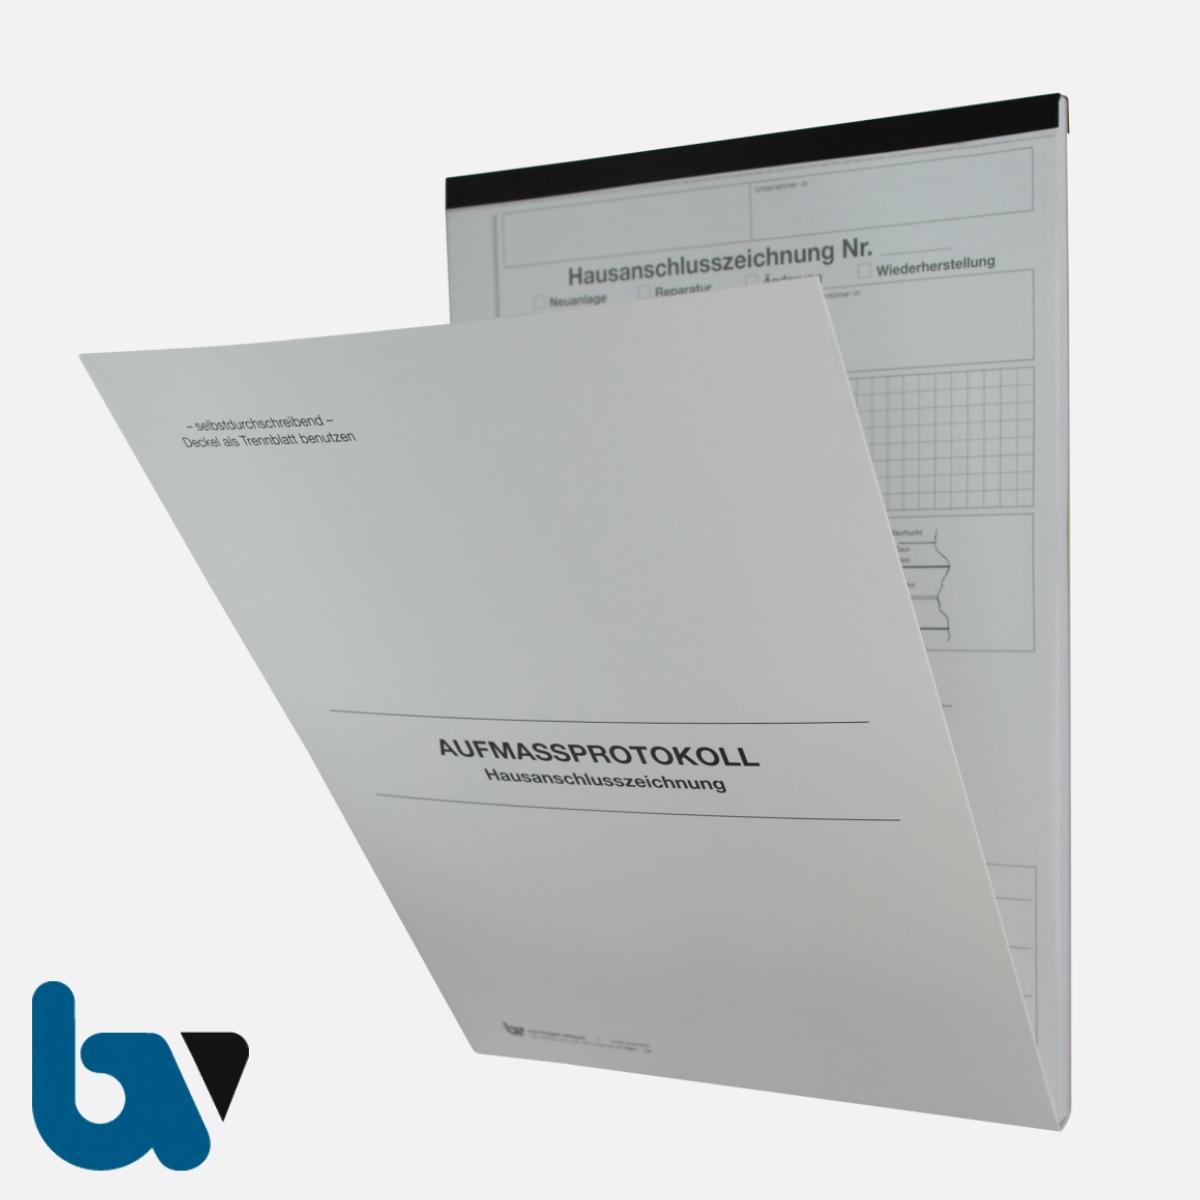 0/763-1 Aufmassprotokoll Hausanschluss Baustelle selbstdurchschreibend Einschlagdeckel Durchschreibeschutz Schreibschutzdeckel perforiert DIN A4 Vorderseite | Borgard Verlag GmbH